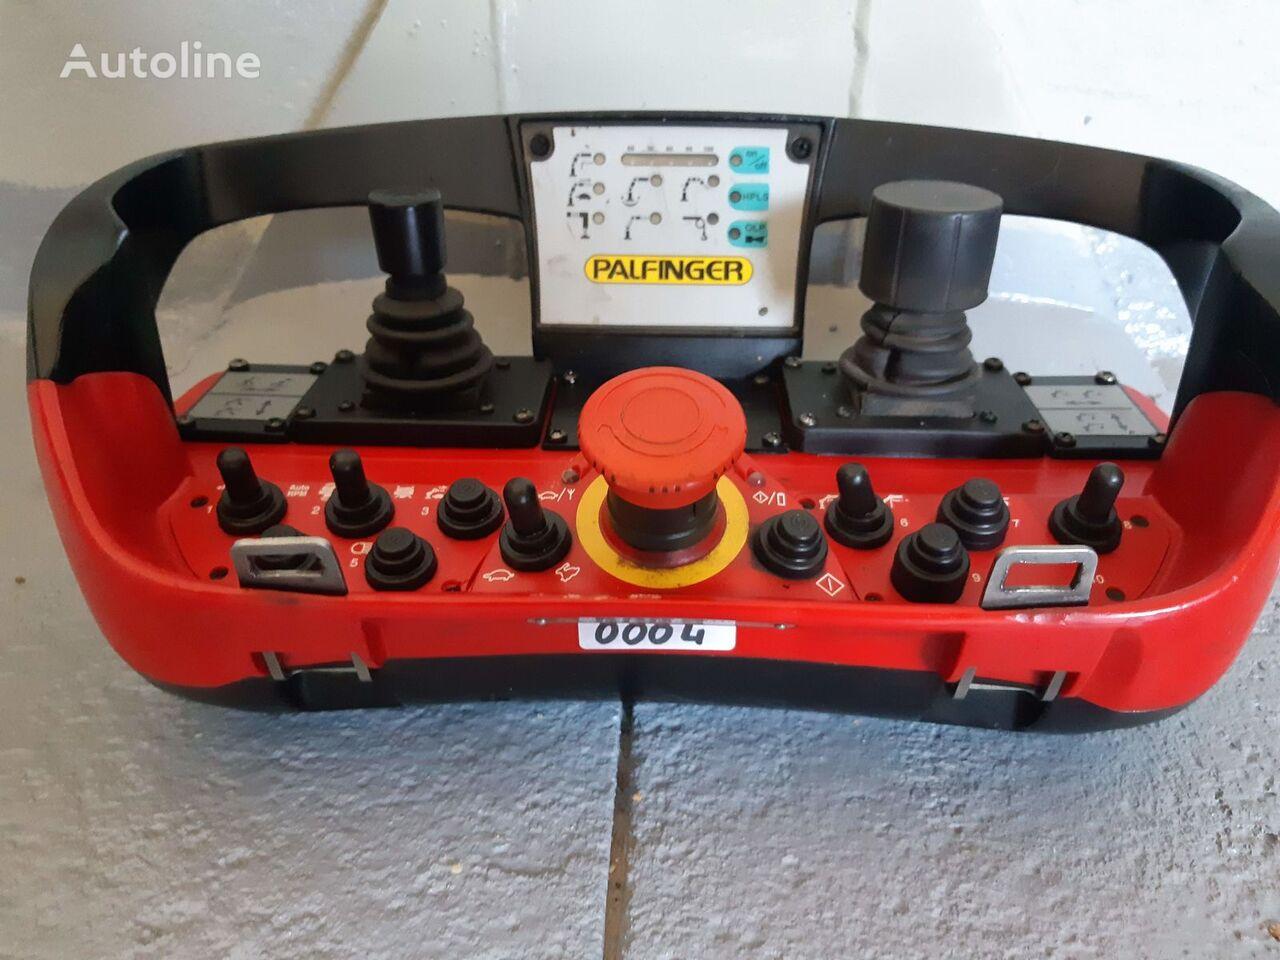 PALFINGER instrument tabla za PALFINGER HIAB / SCANRECO autodizalice s kranom